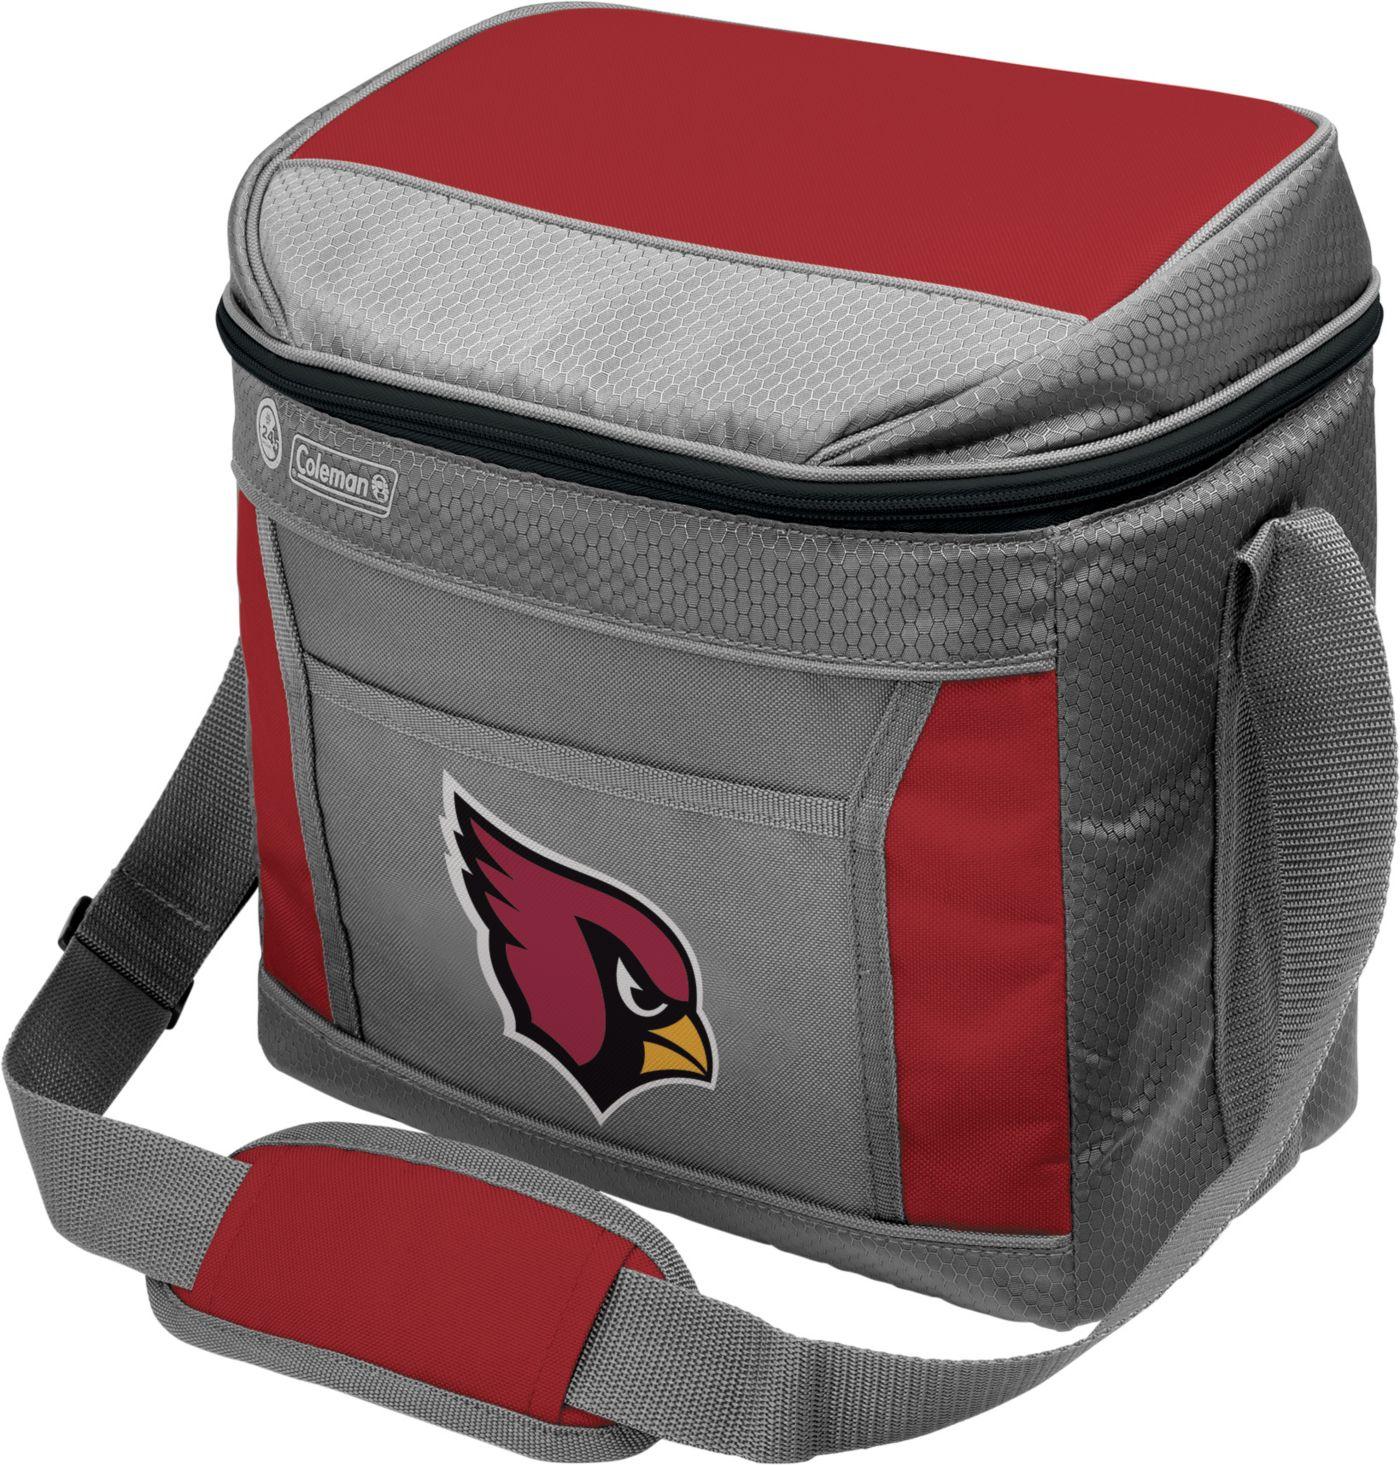 Rawlings Arizona Cardinals 16-Can Cooler